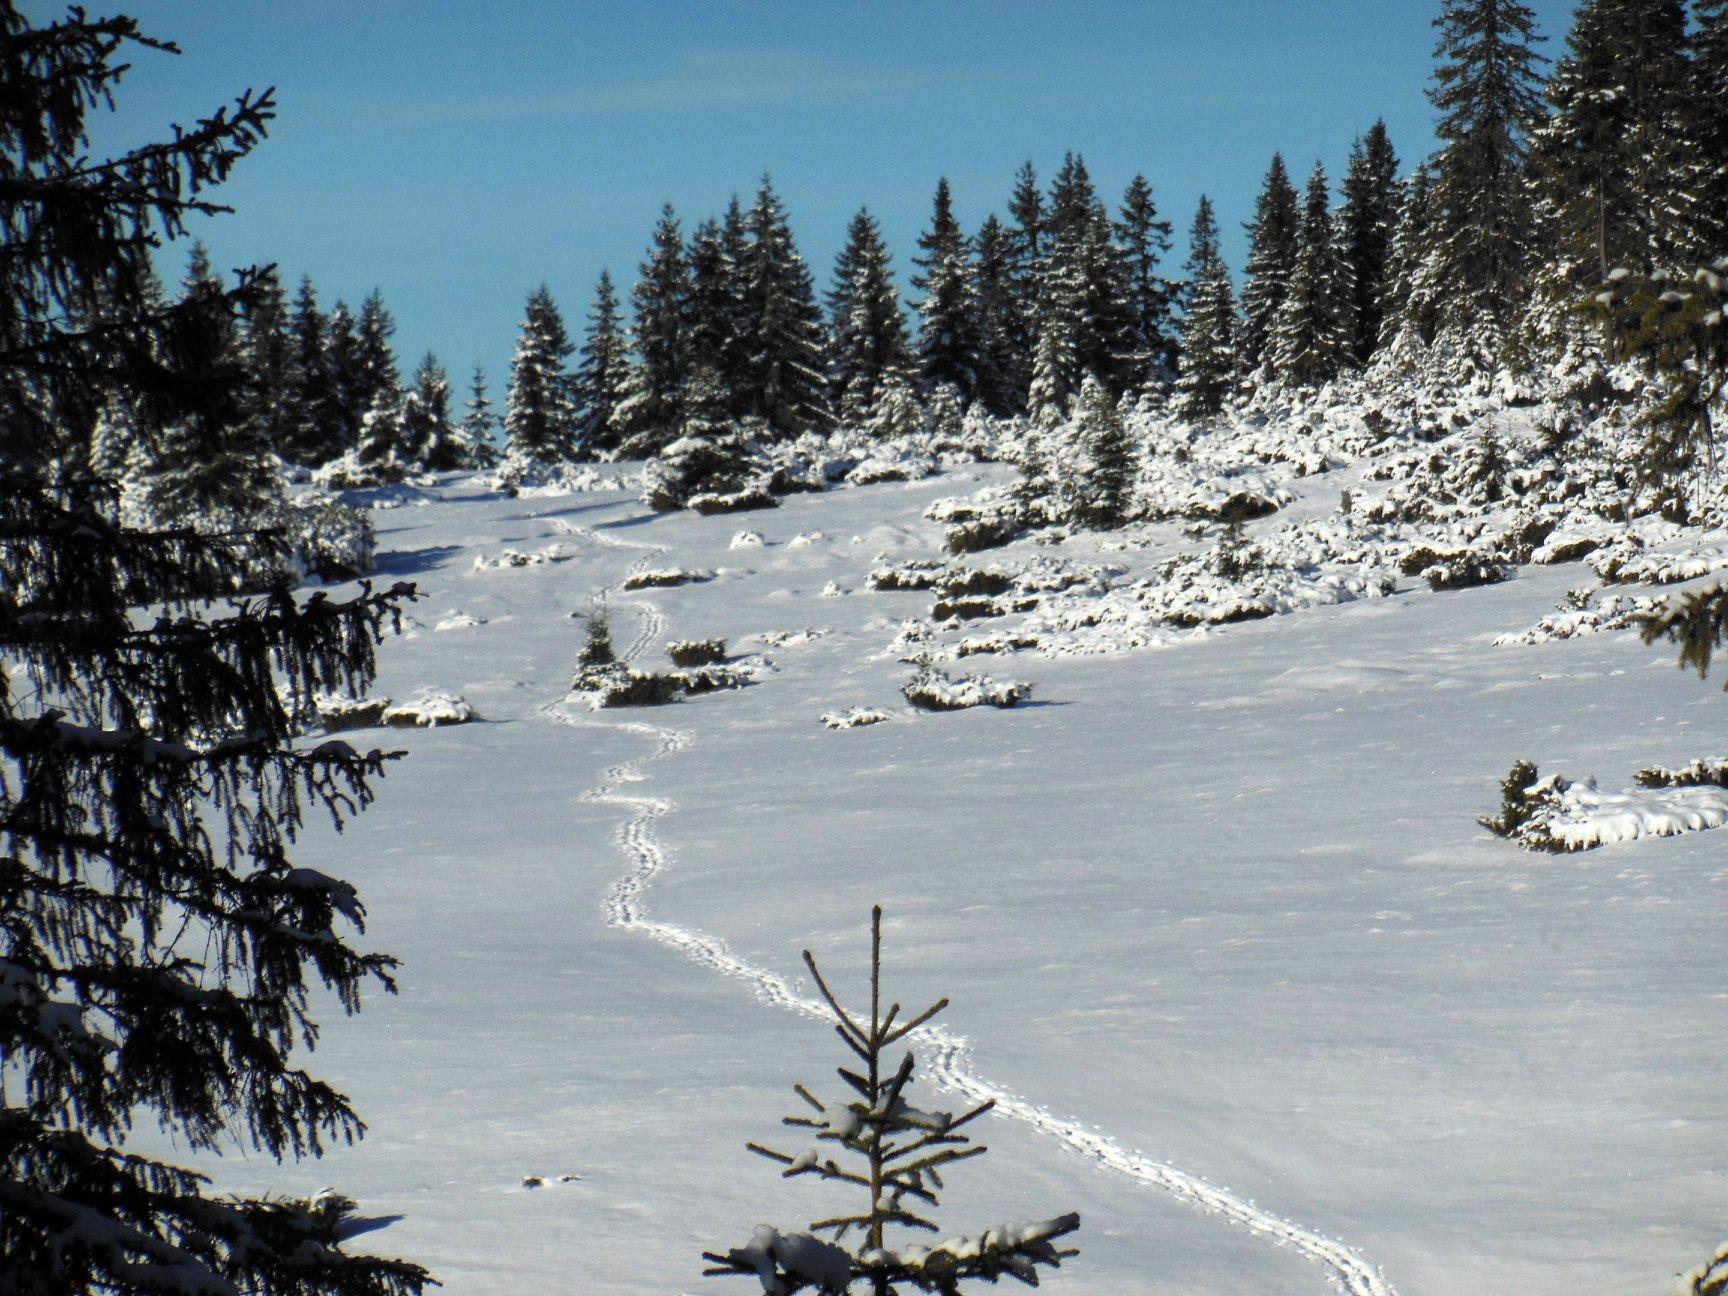 Франківець пішов у похід на милицях заради неймовірних фото зимових Карпат 26